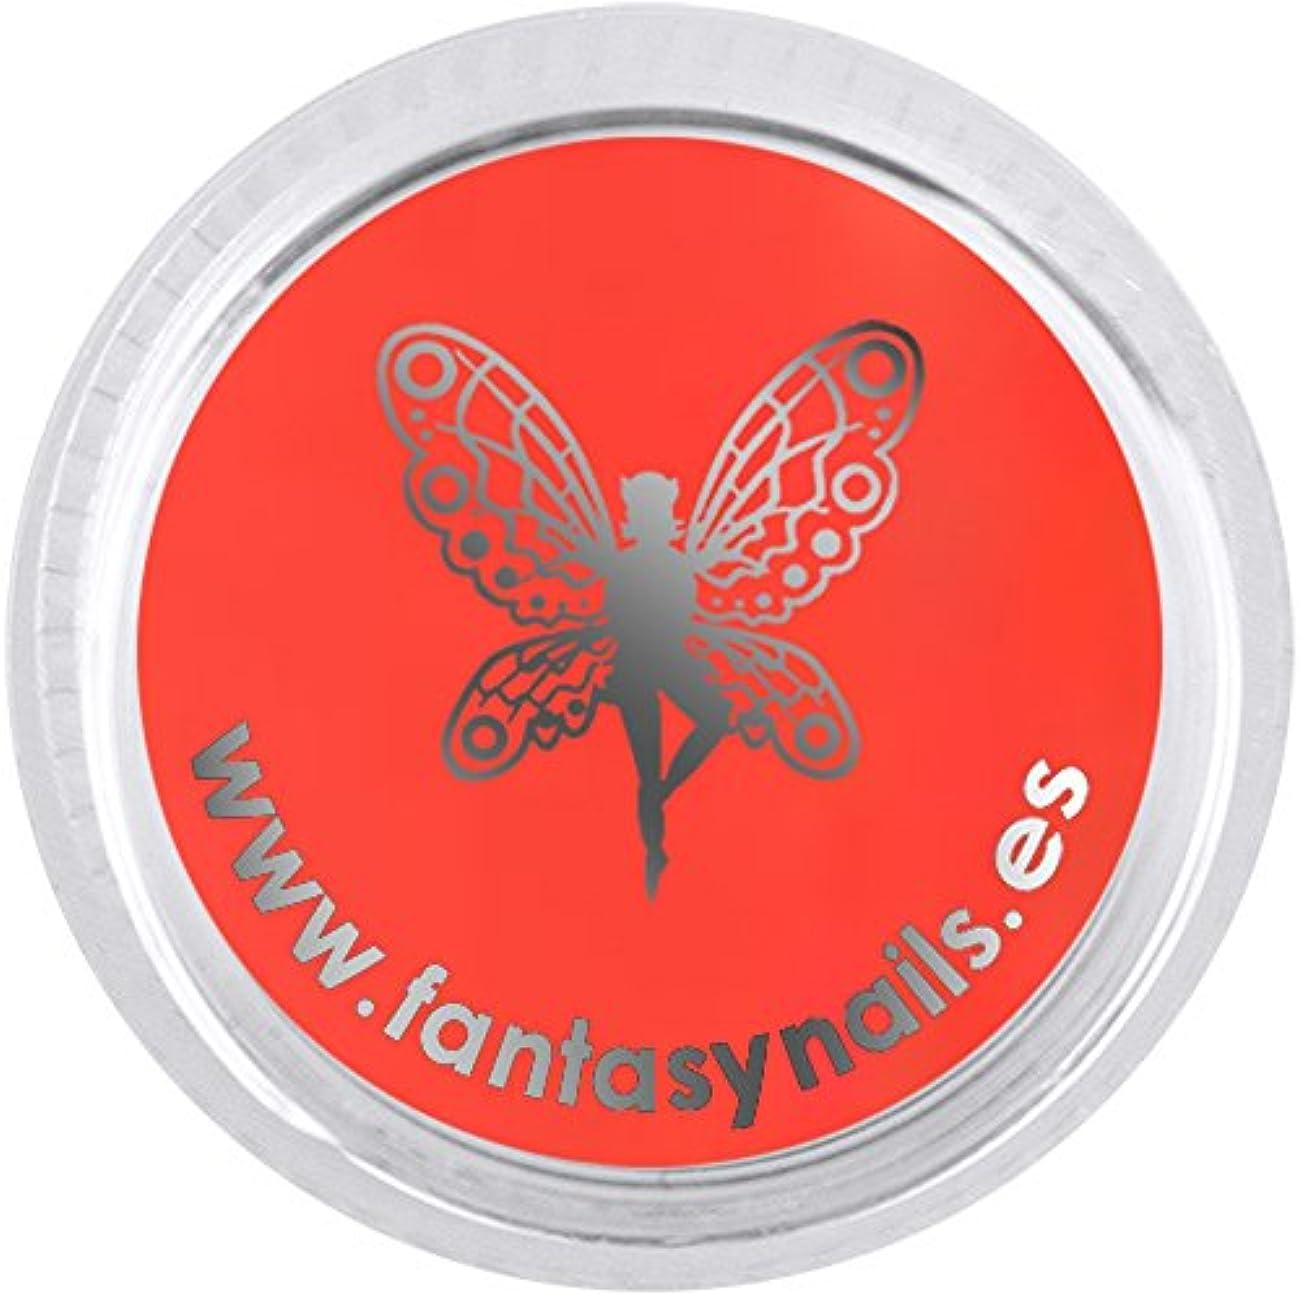 サイバースペースキャベツ帽子FANTASY NAIL フラワーコレクション 3g 4755XS カラーパウダー アート材